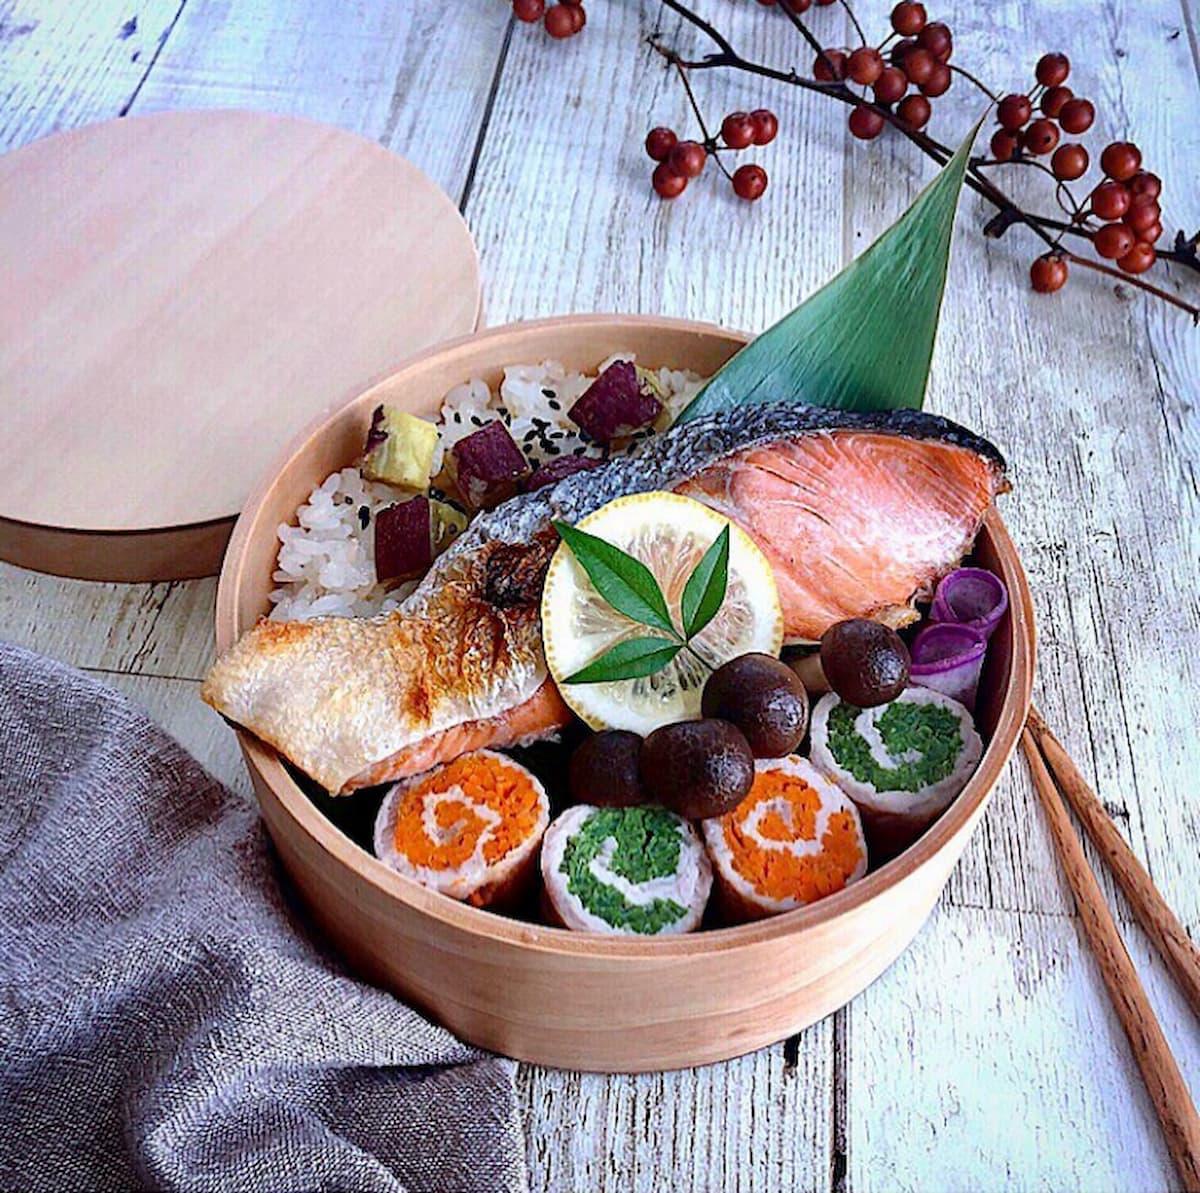 マイルールにしたい!「金曜日は魚のおかず」で「#金魚の日」